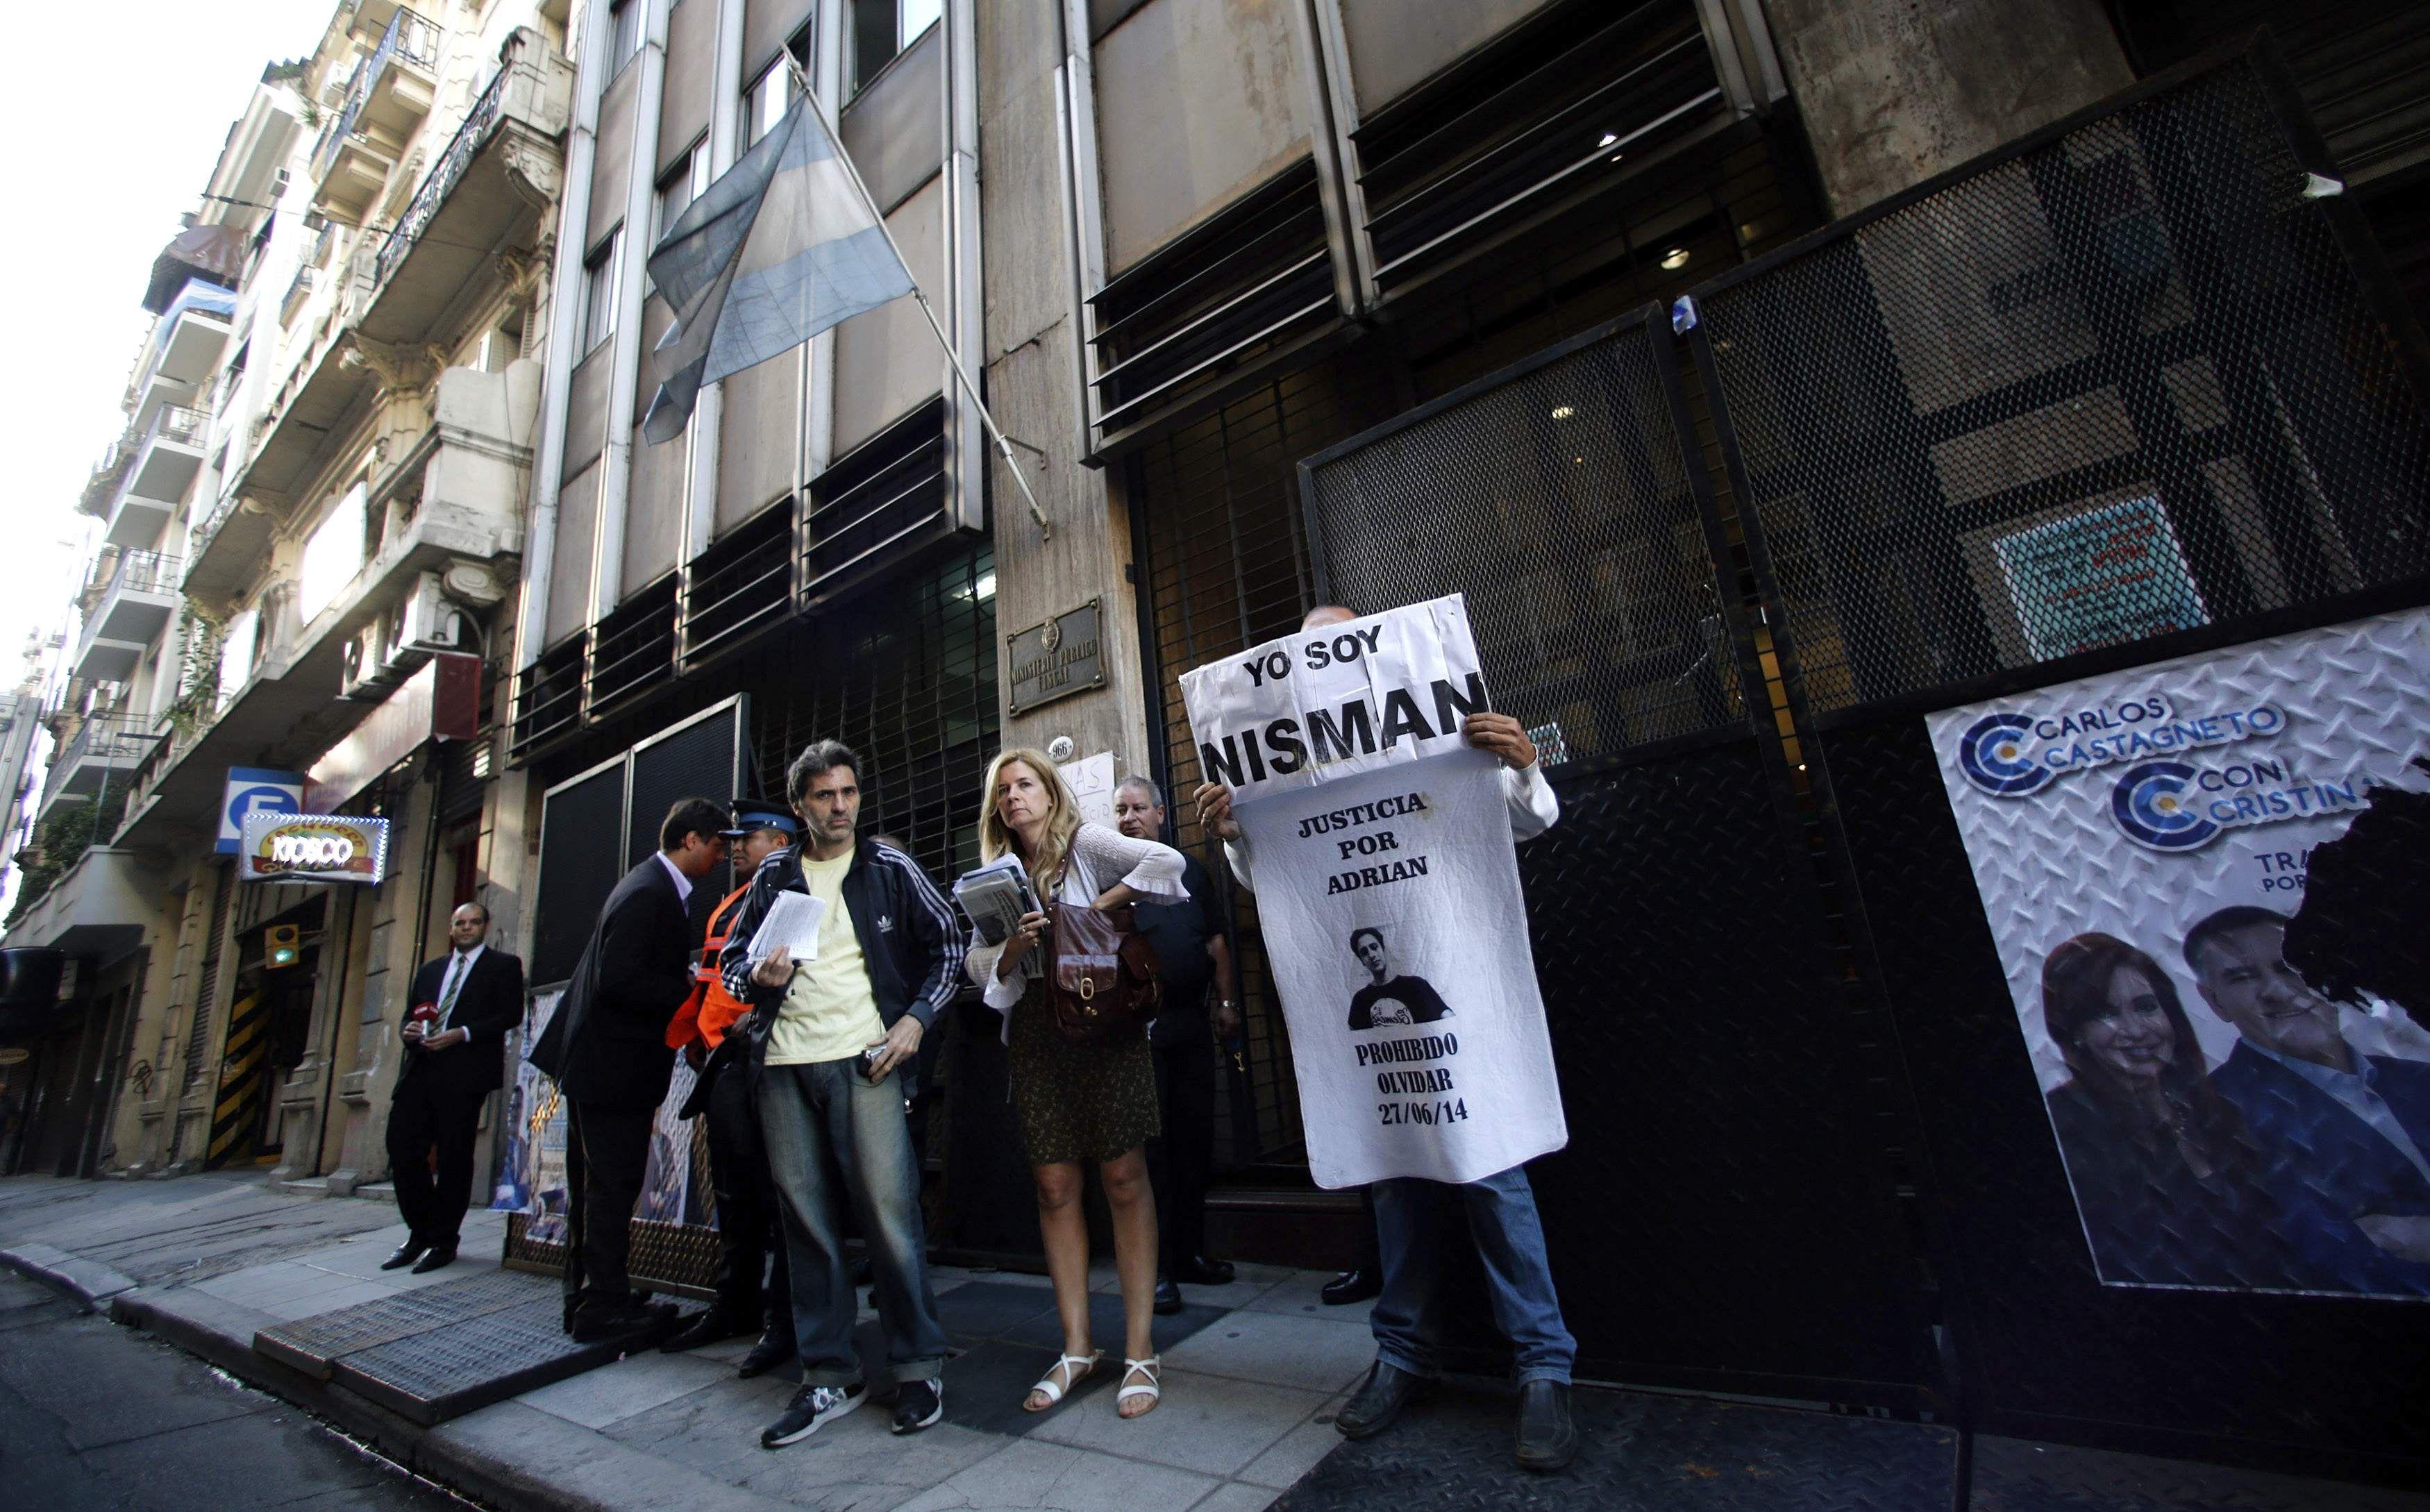 Redes sociales: el caso Nisman reveló nuevas formas de hacer política